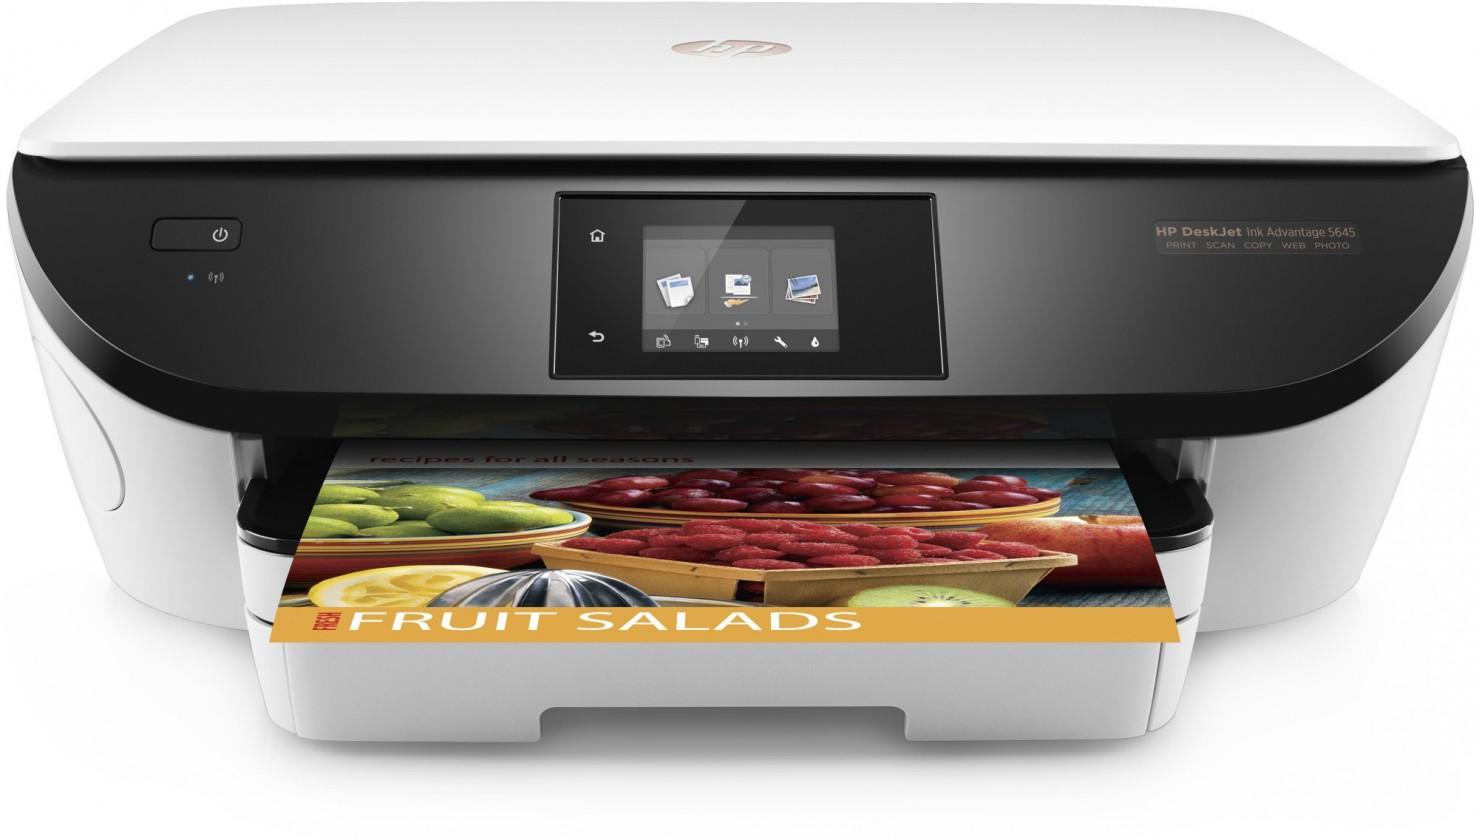 Atramentové multifunkce HP DeskJet Ink Advantage 5645 B9S57C